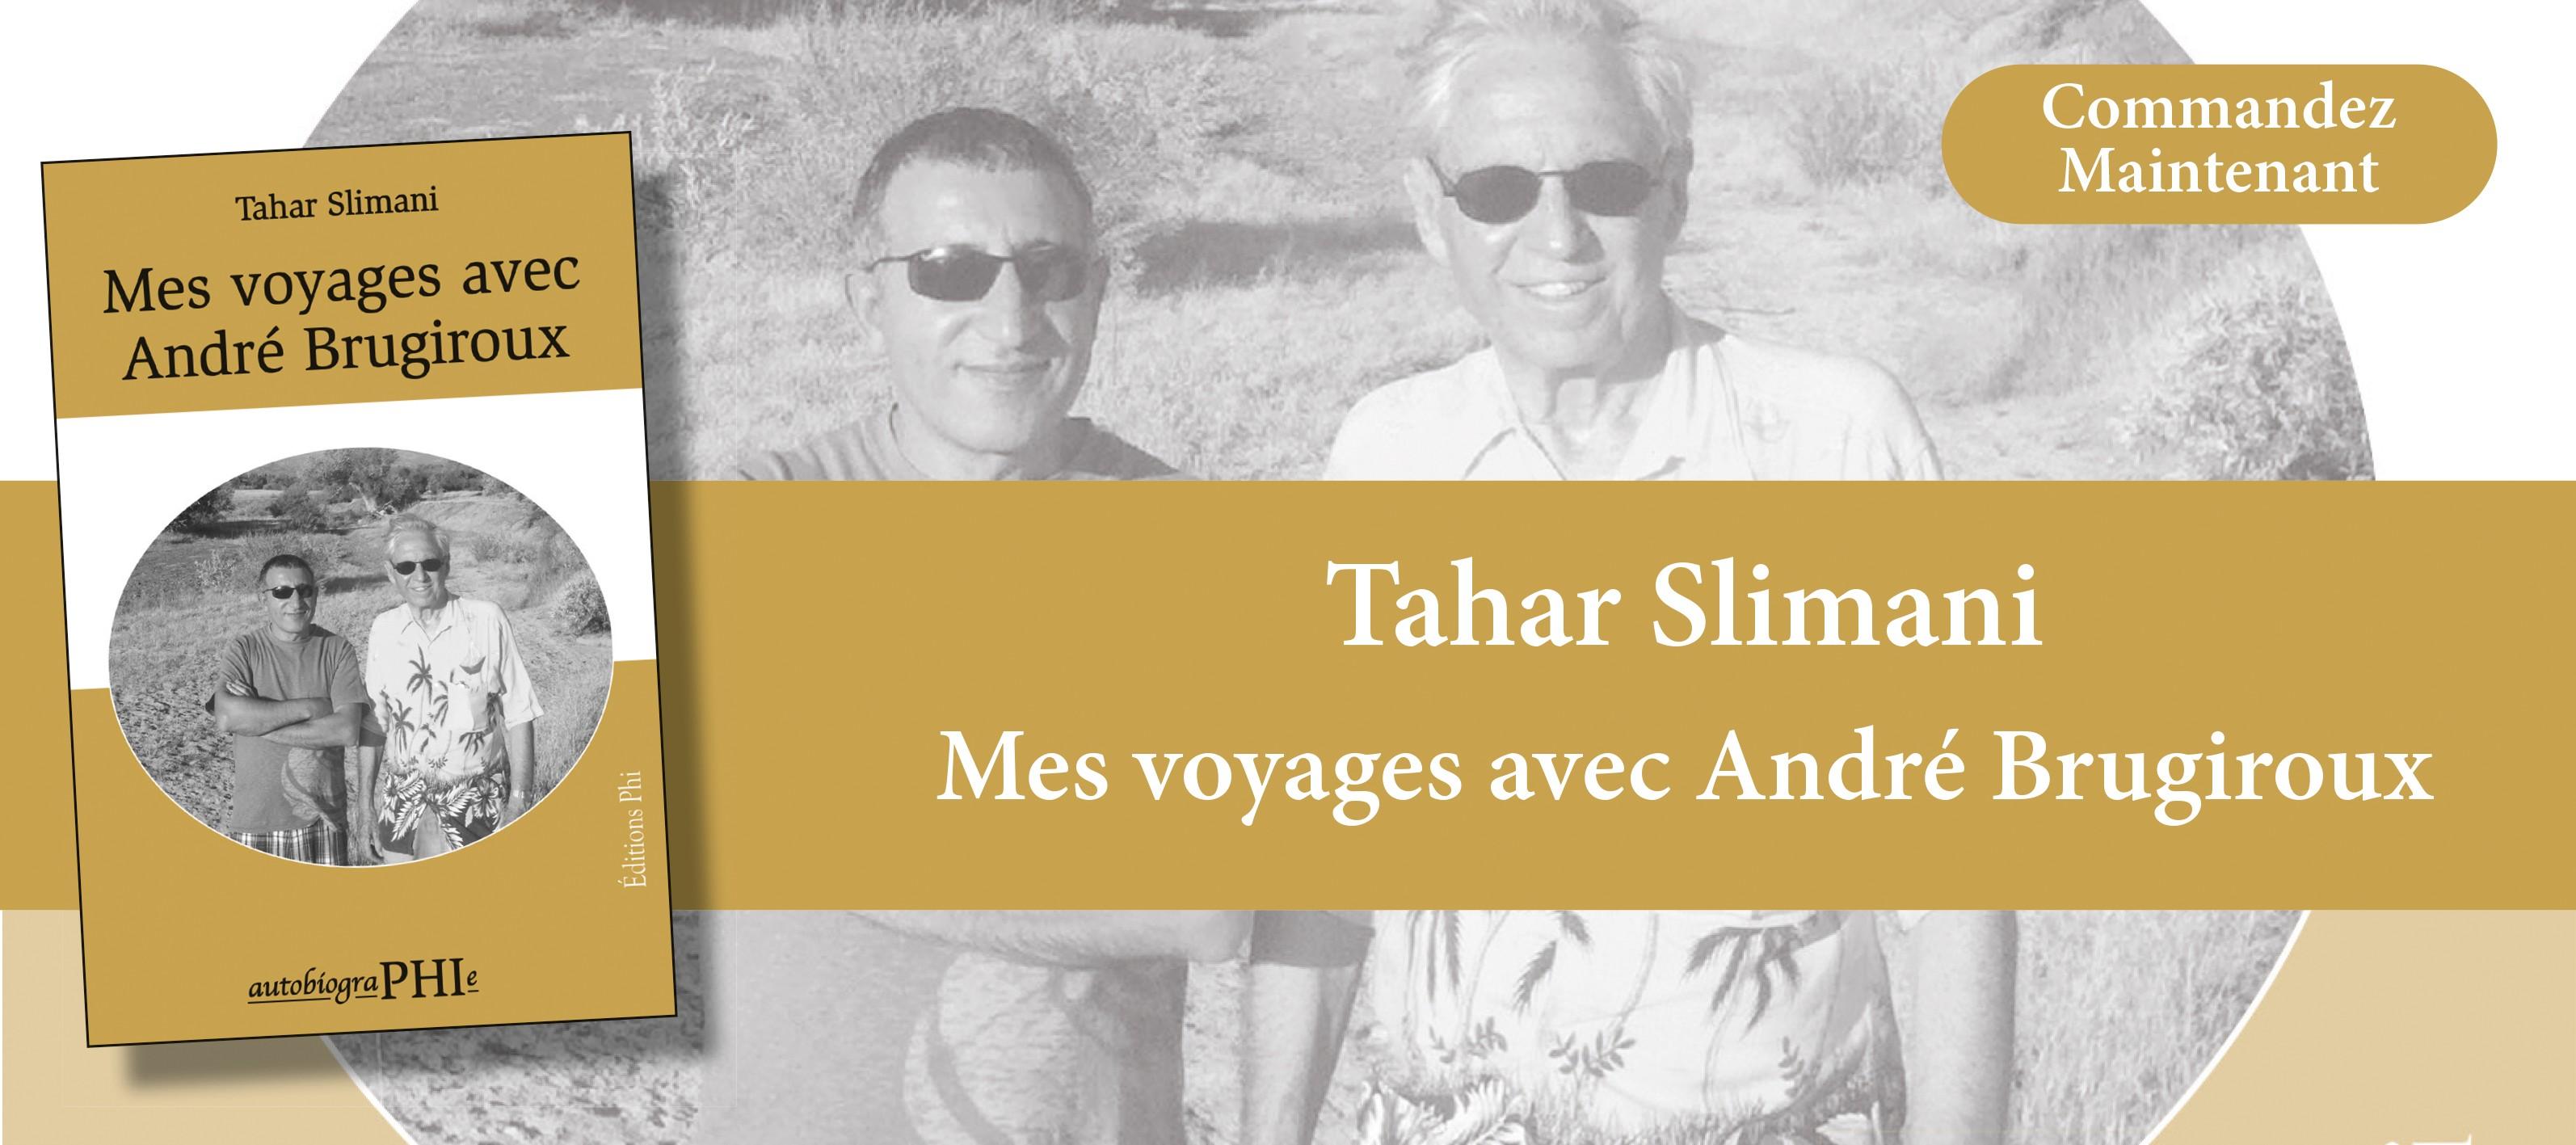 http://www.editionsphi.lu/fr/nouveautes/491-tahar-slimani-mes-voyages-avec-andre-brugiroux.html